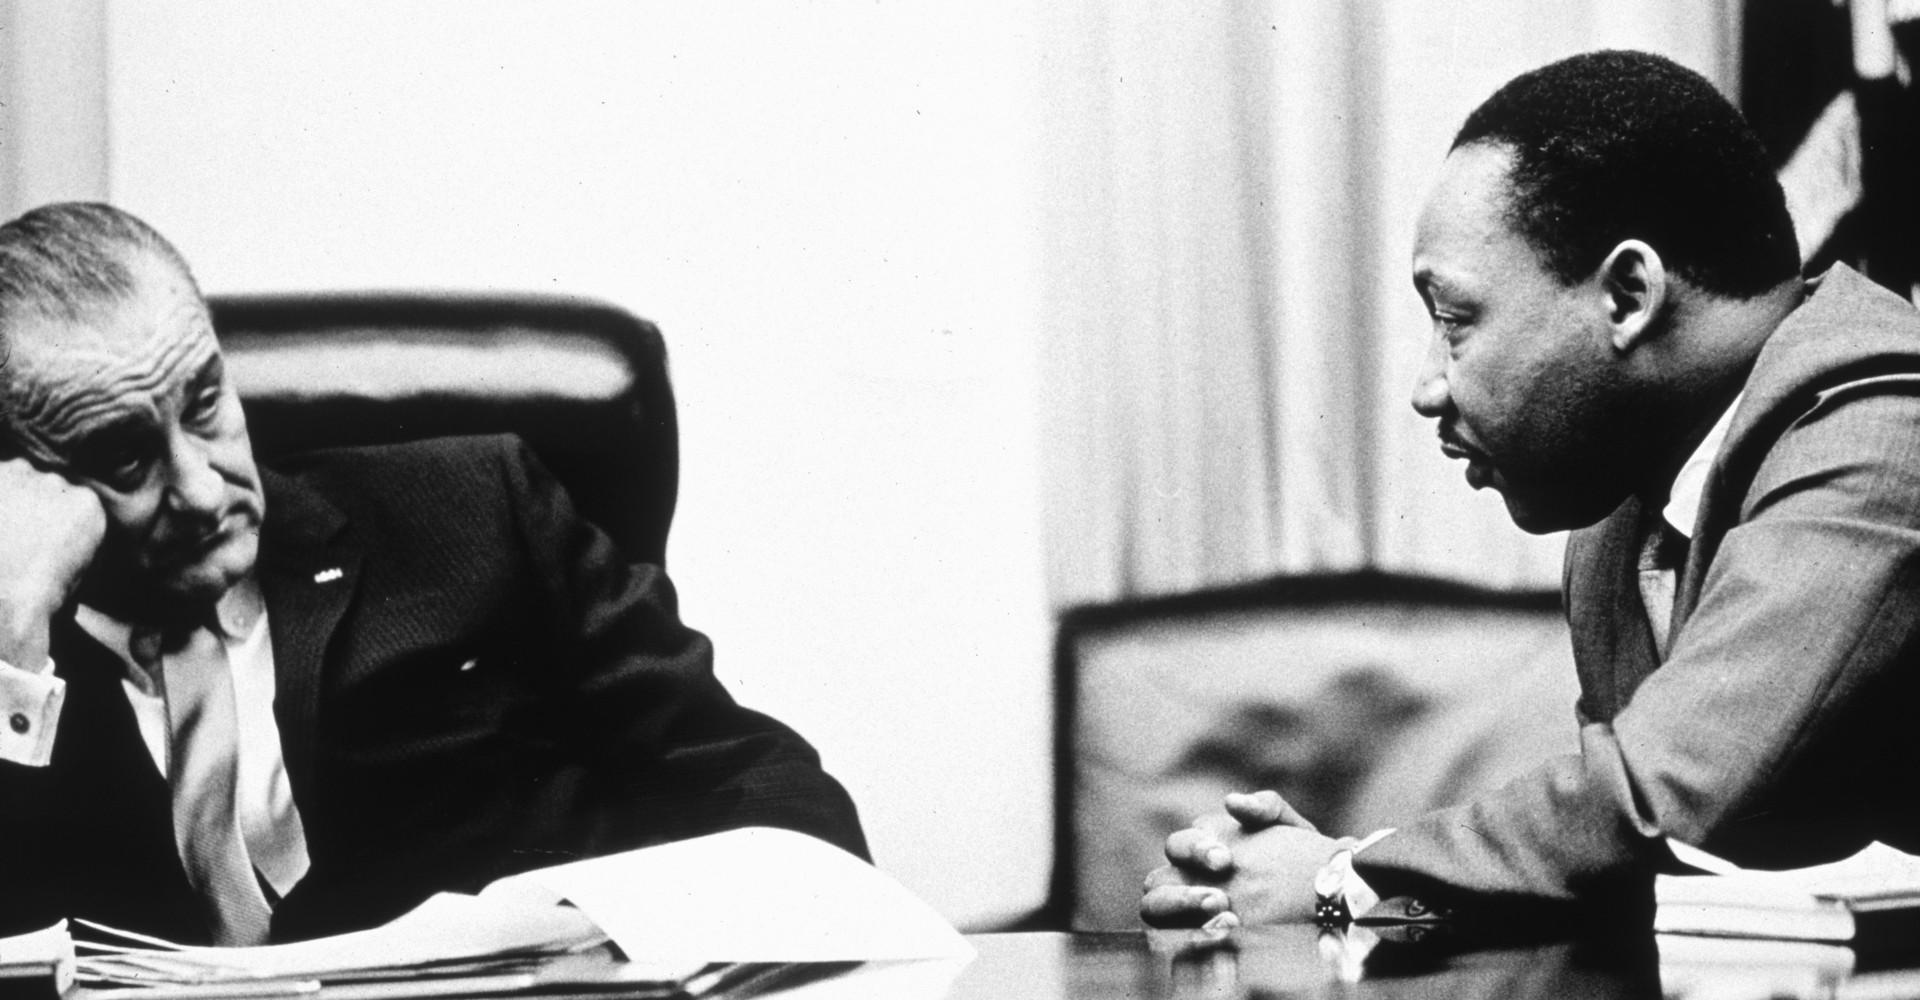 Et tilbageblik til 1968: hvordan var livet for 50 år siden?